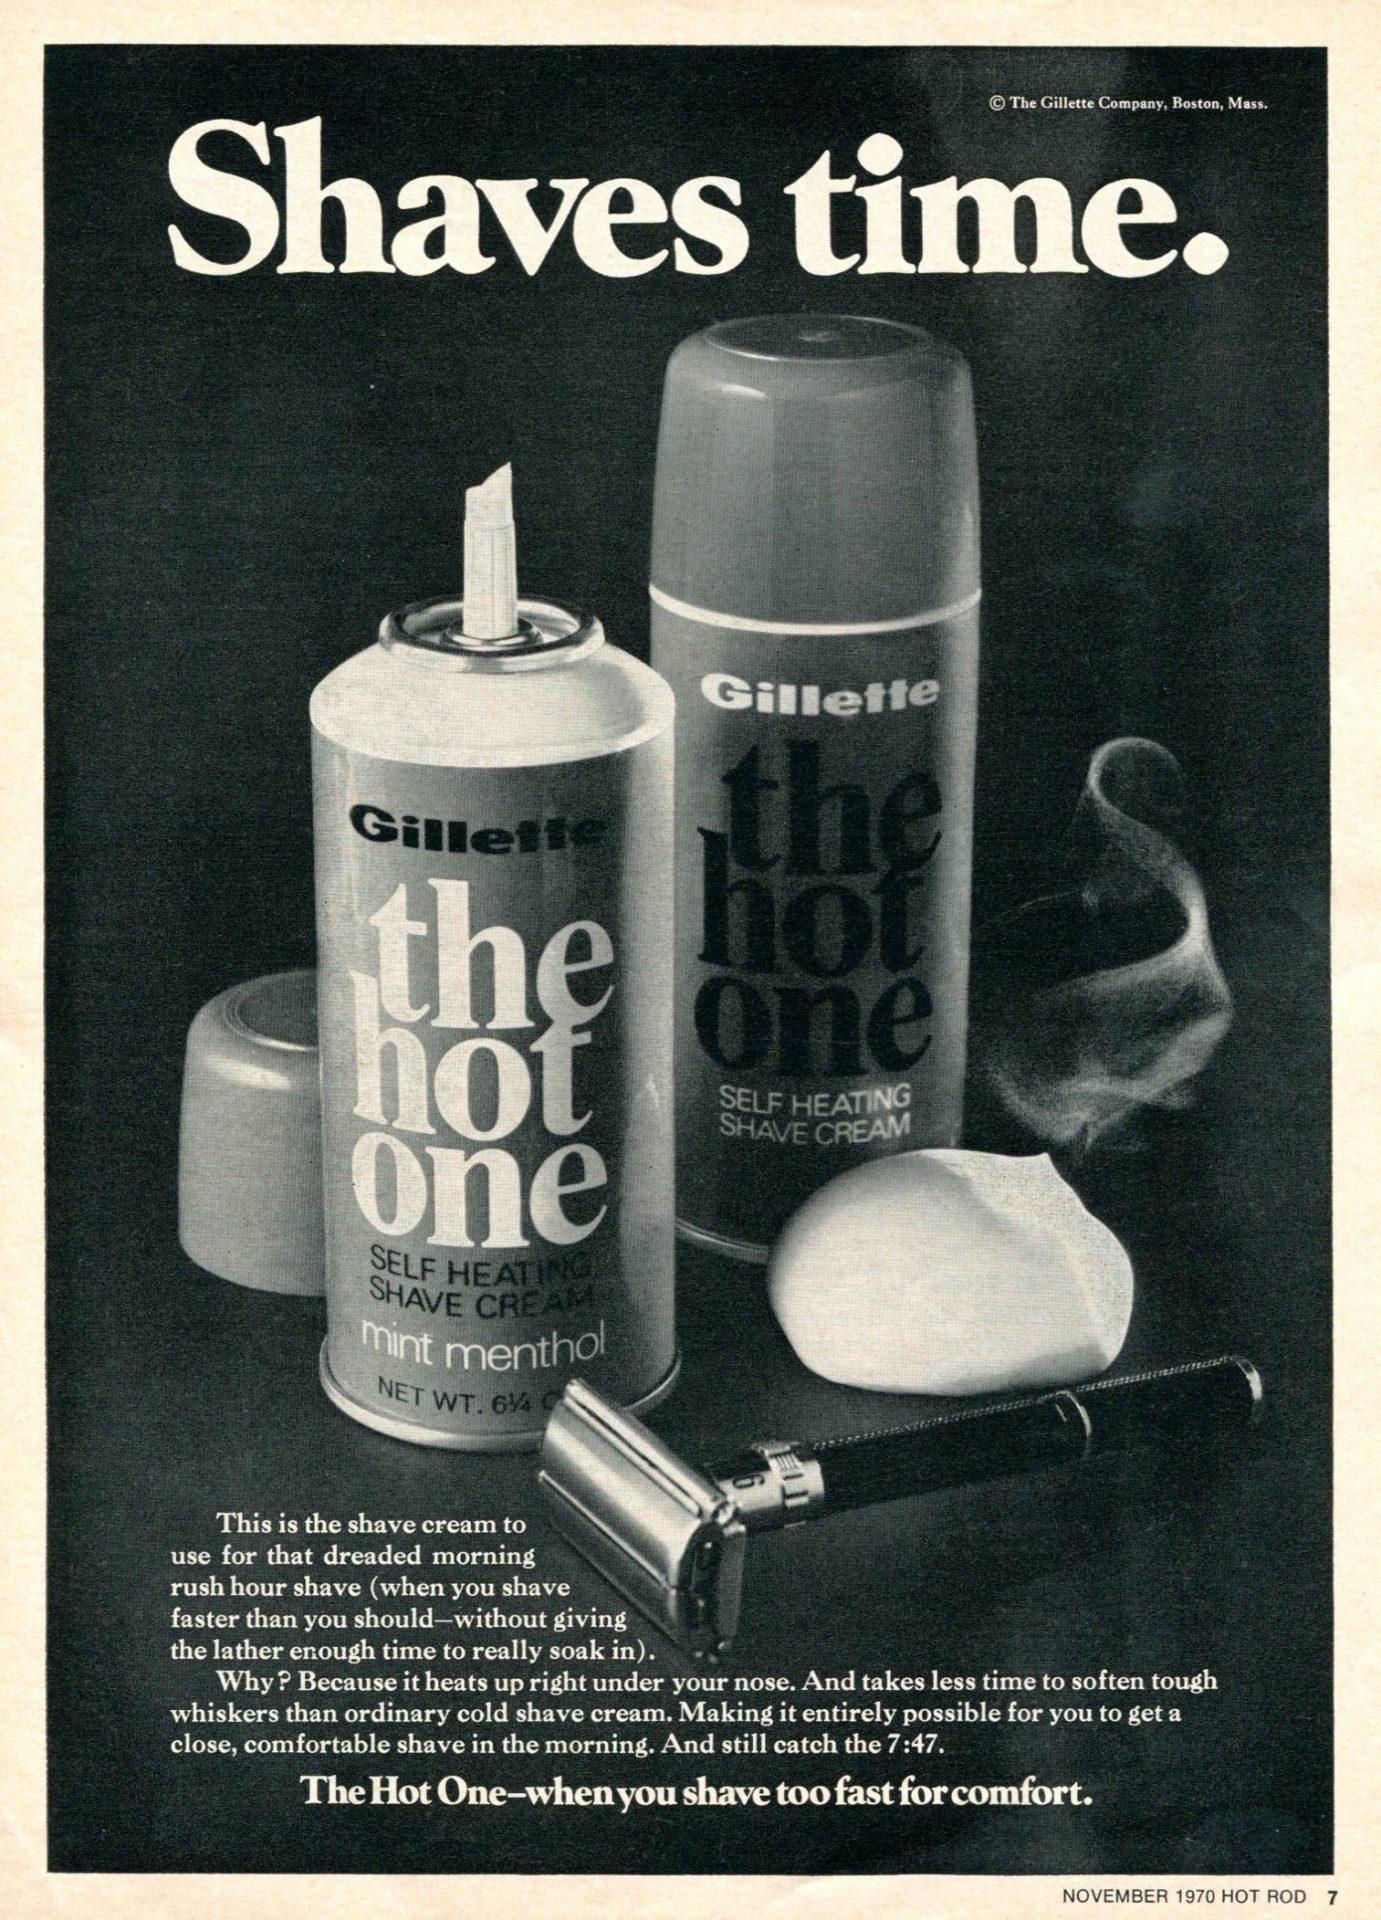 Shaving cream ad